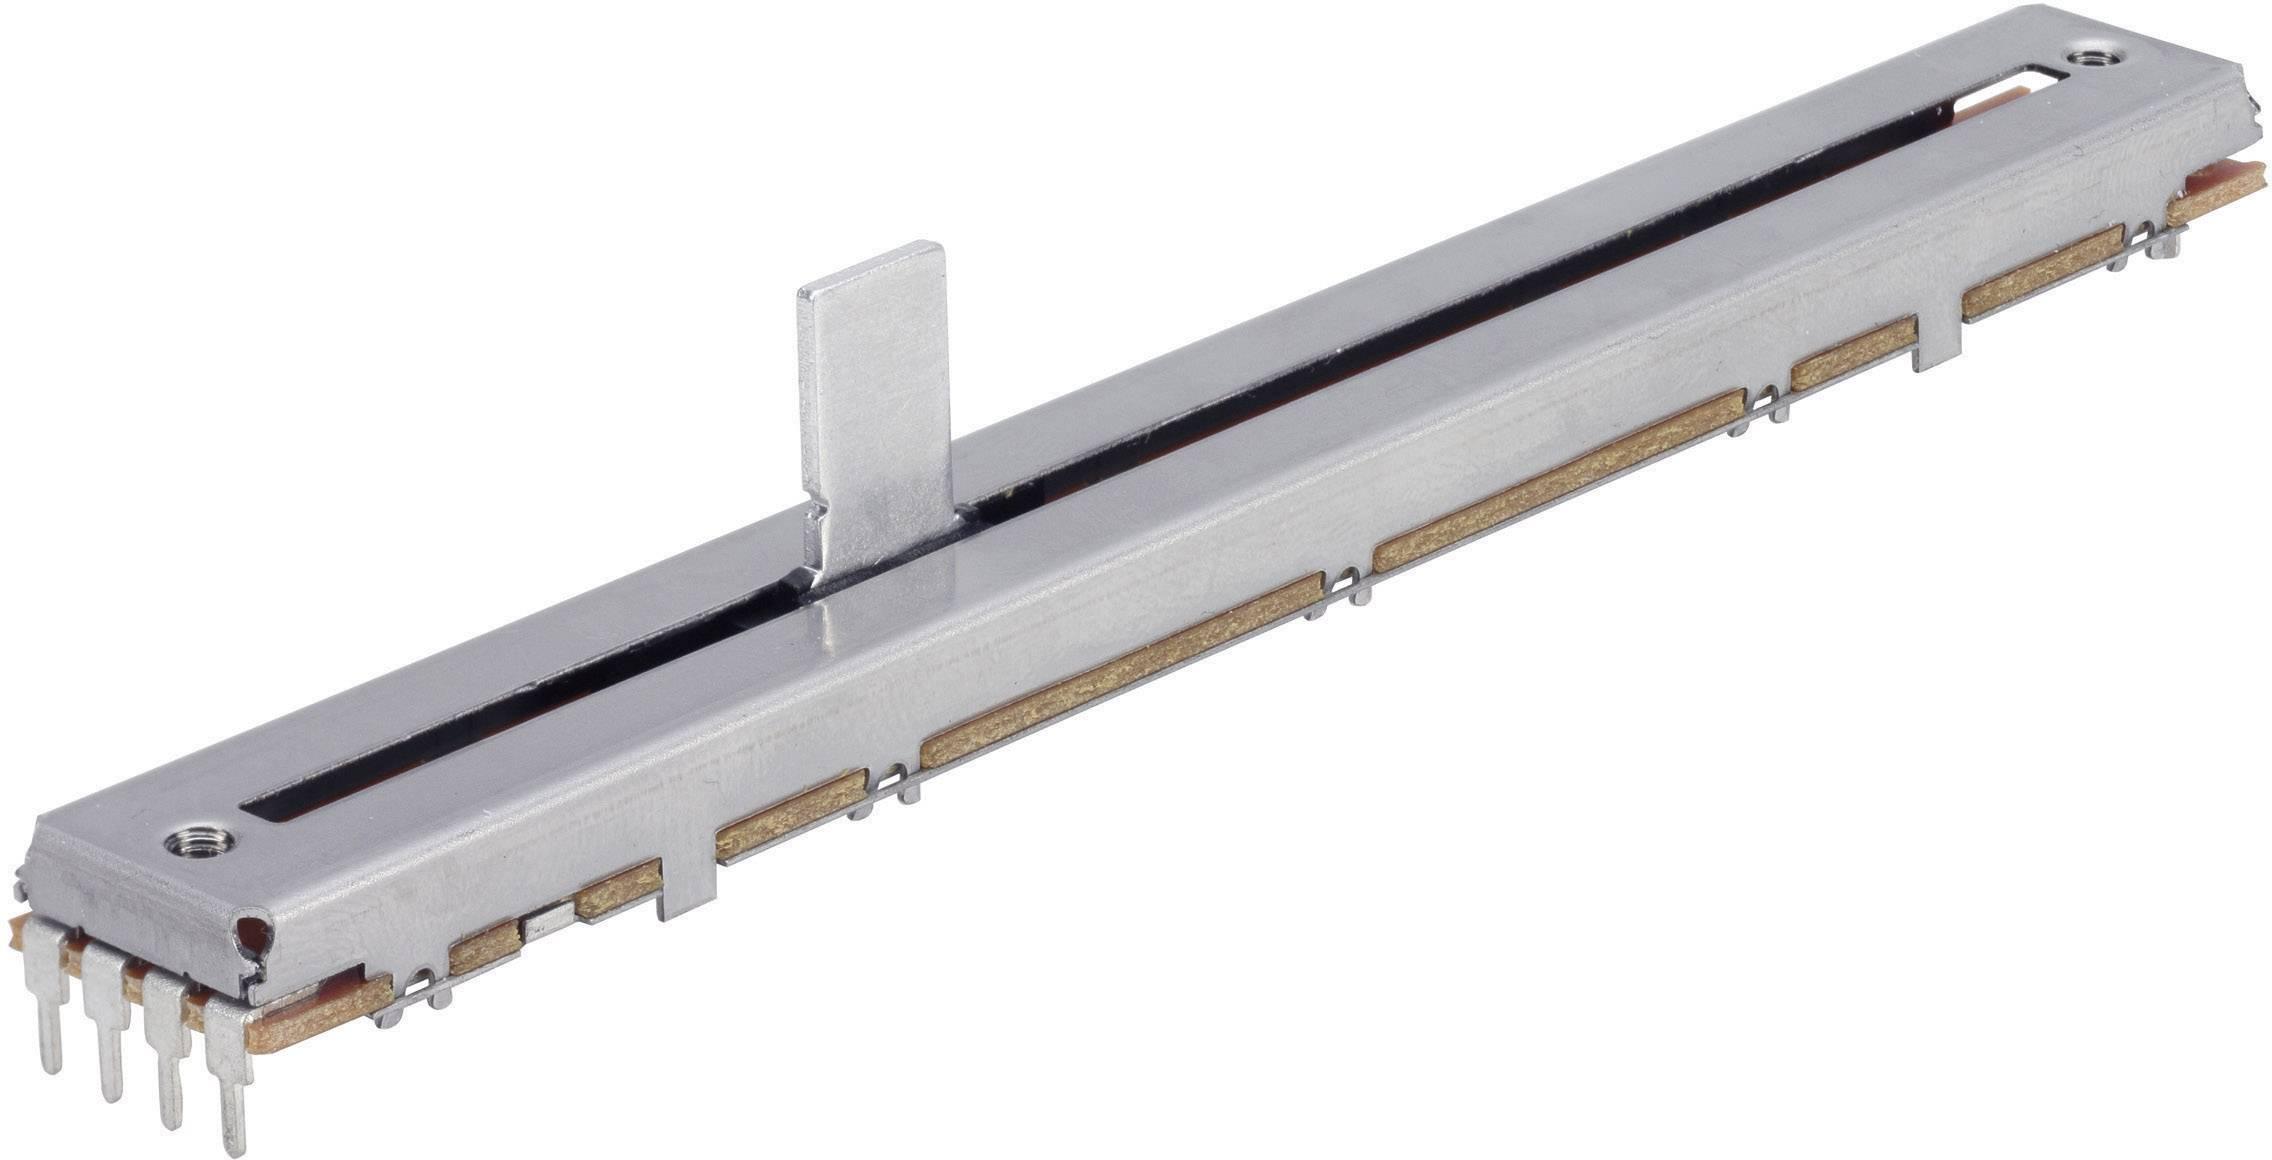 Potenciometr posuvný TT Electro, 4111901775, 1 kΩ, 0,25 W